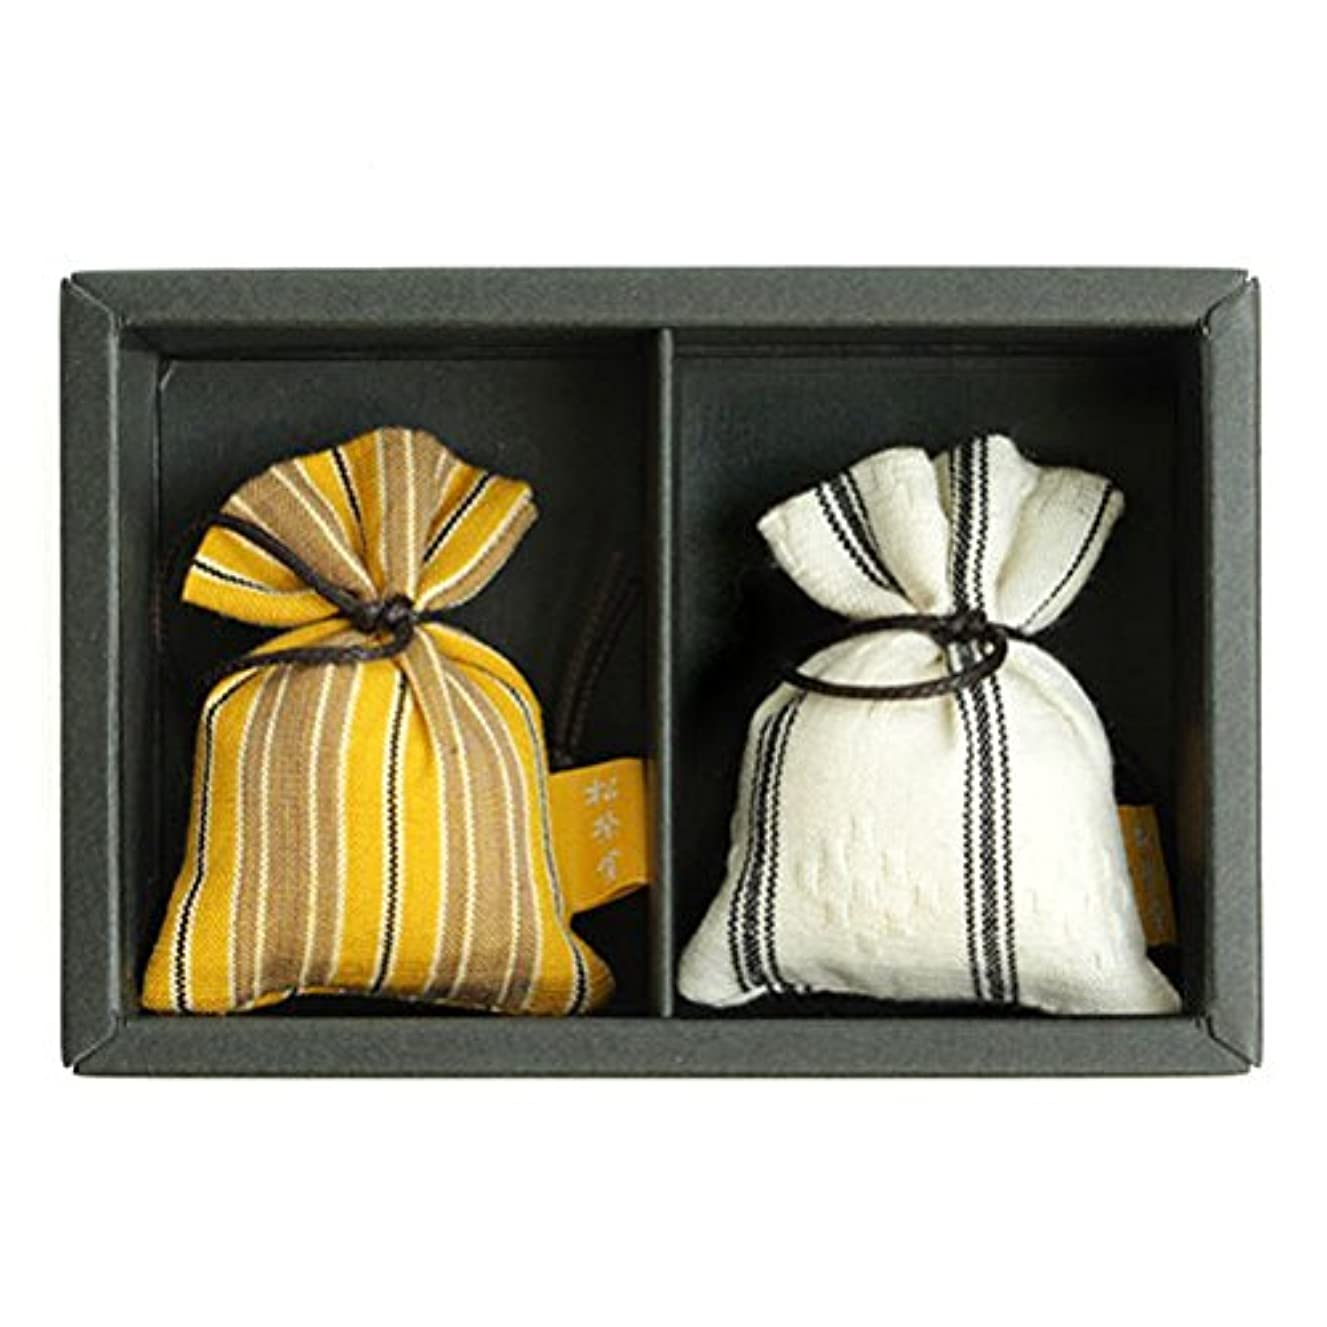 怖がらせるモデレータタオル匂い袋 誰が袖 ルリック(縞) 2個入 松栄堂 Shoyeido 本体長さ60mm (色?柄は選べません)